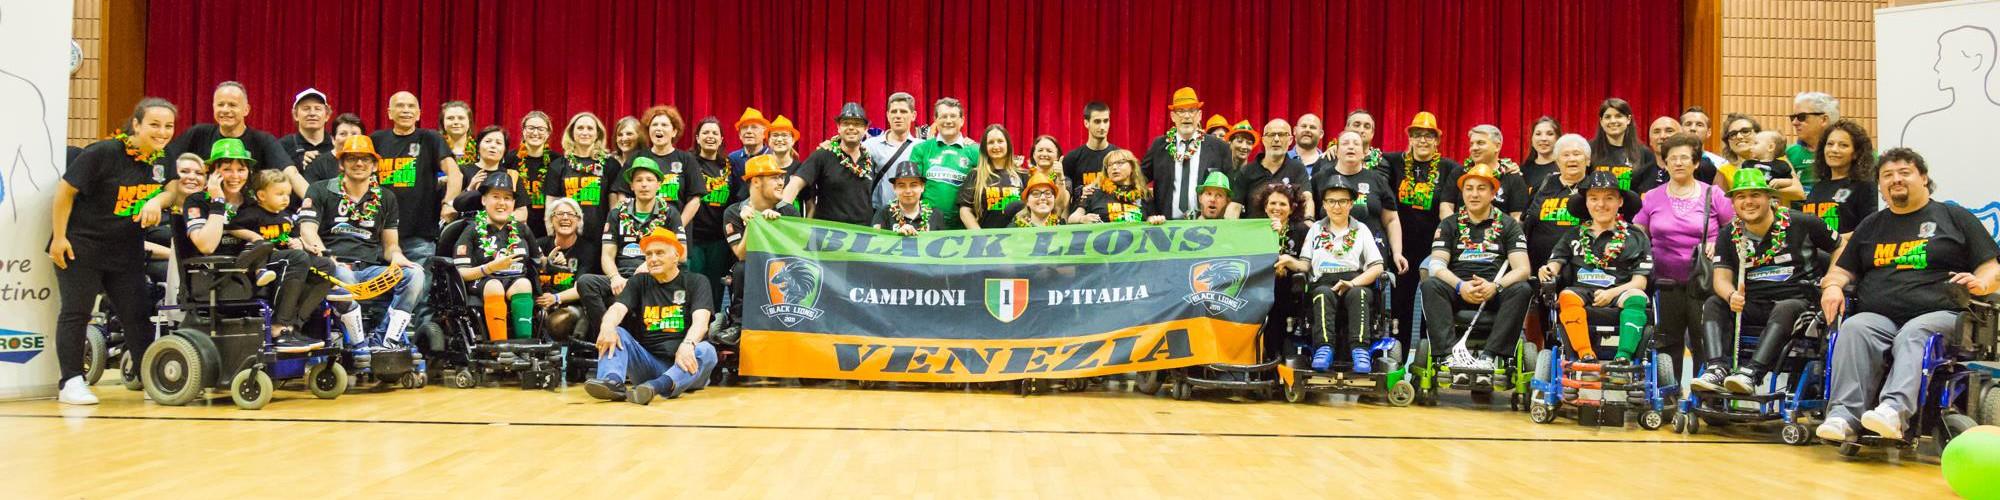 Black Lions Venezia Campioni d'Italia 2016/2017